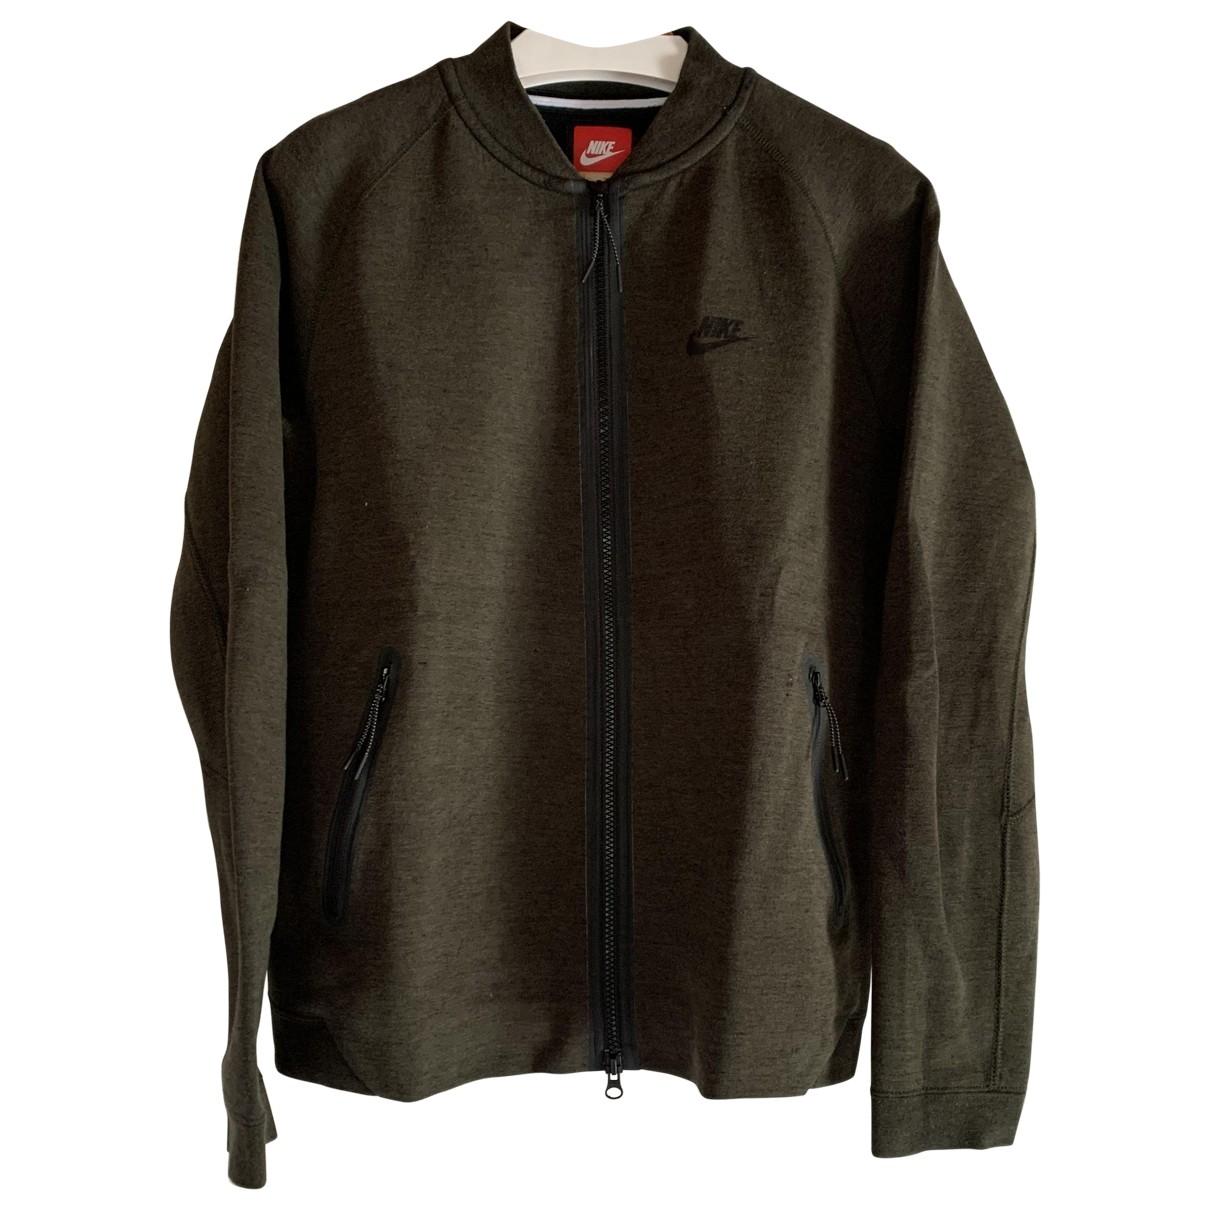 Nike \N Green Knitwear & Sweatshirts for Men L International